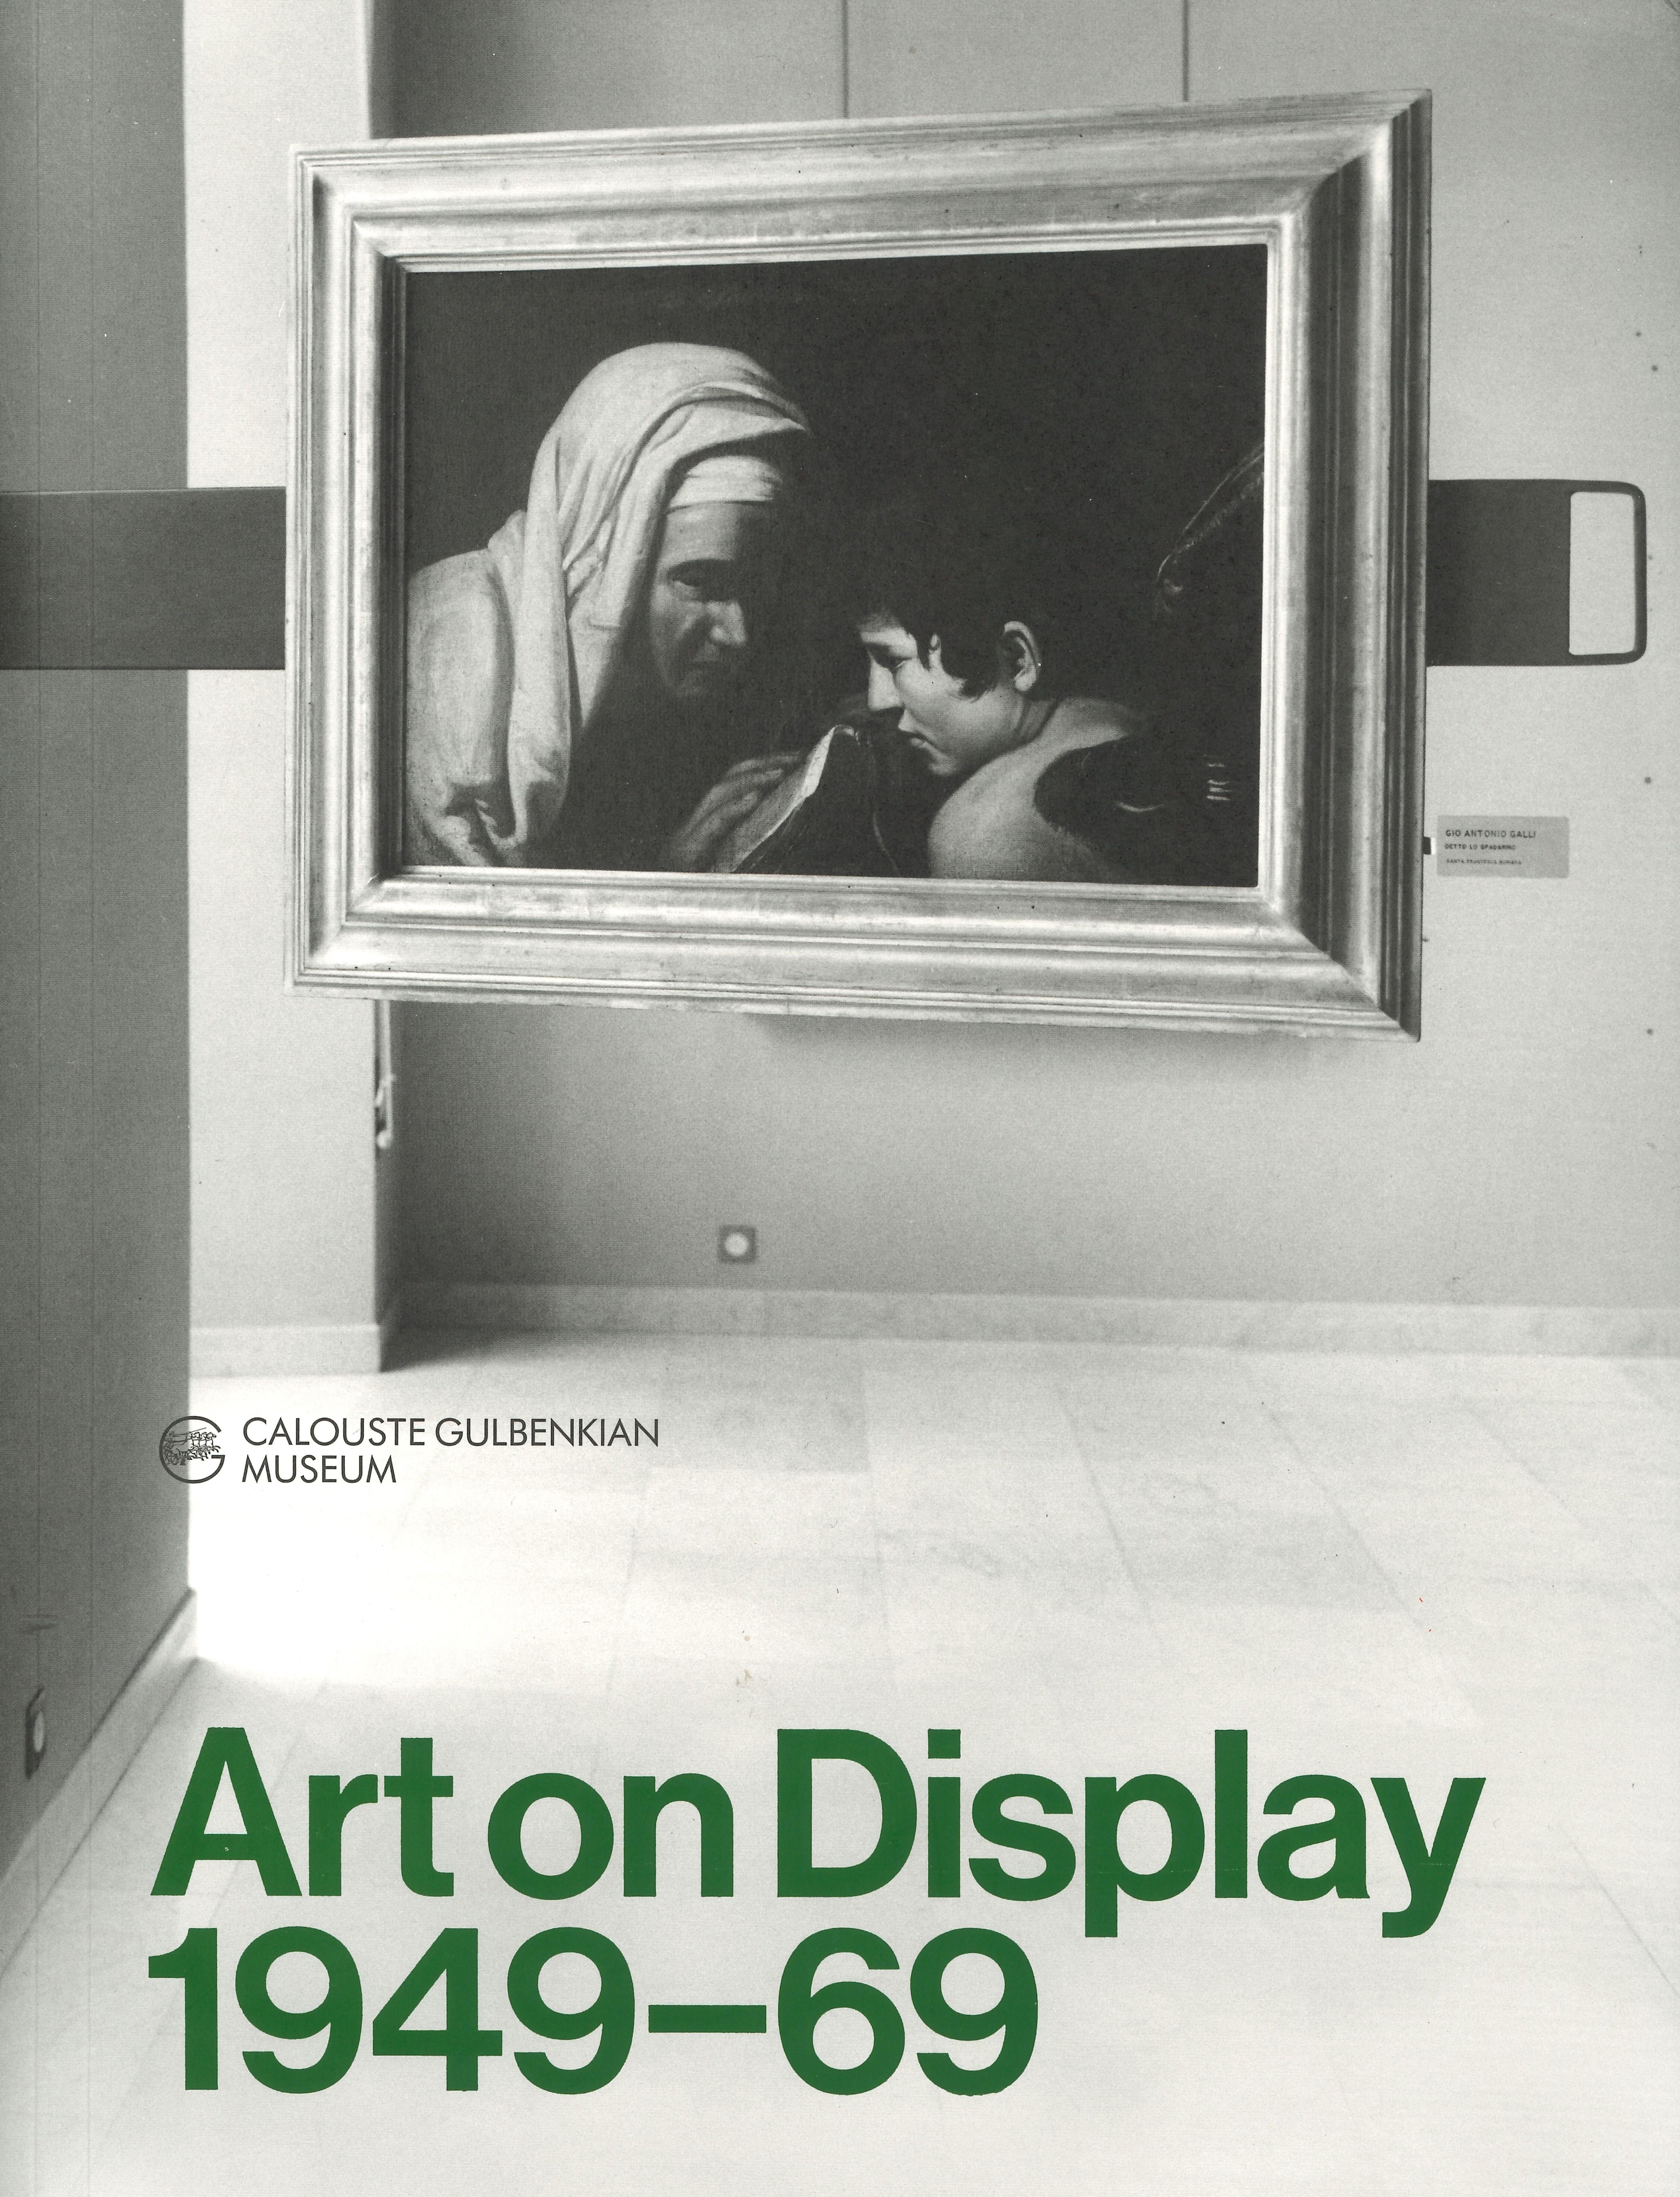 Art on Display: 1949-69